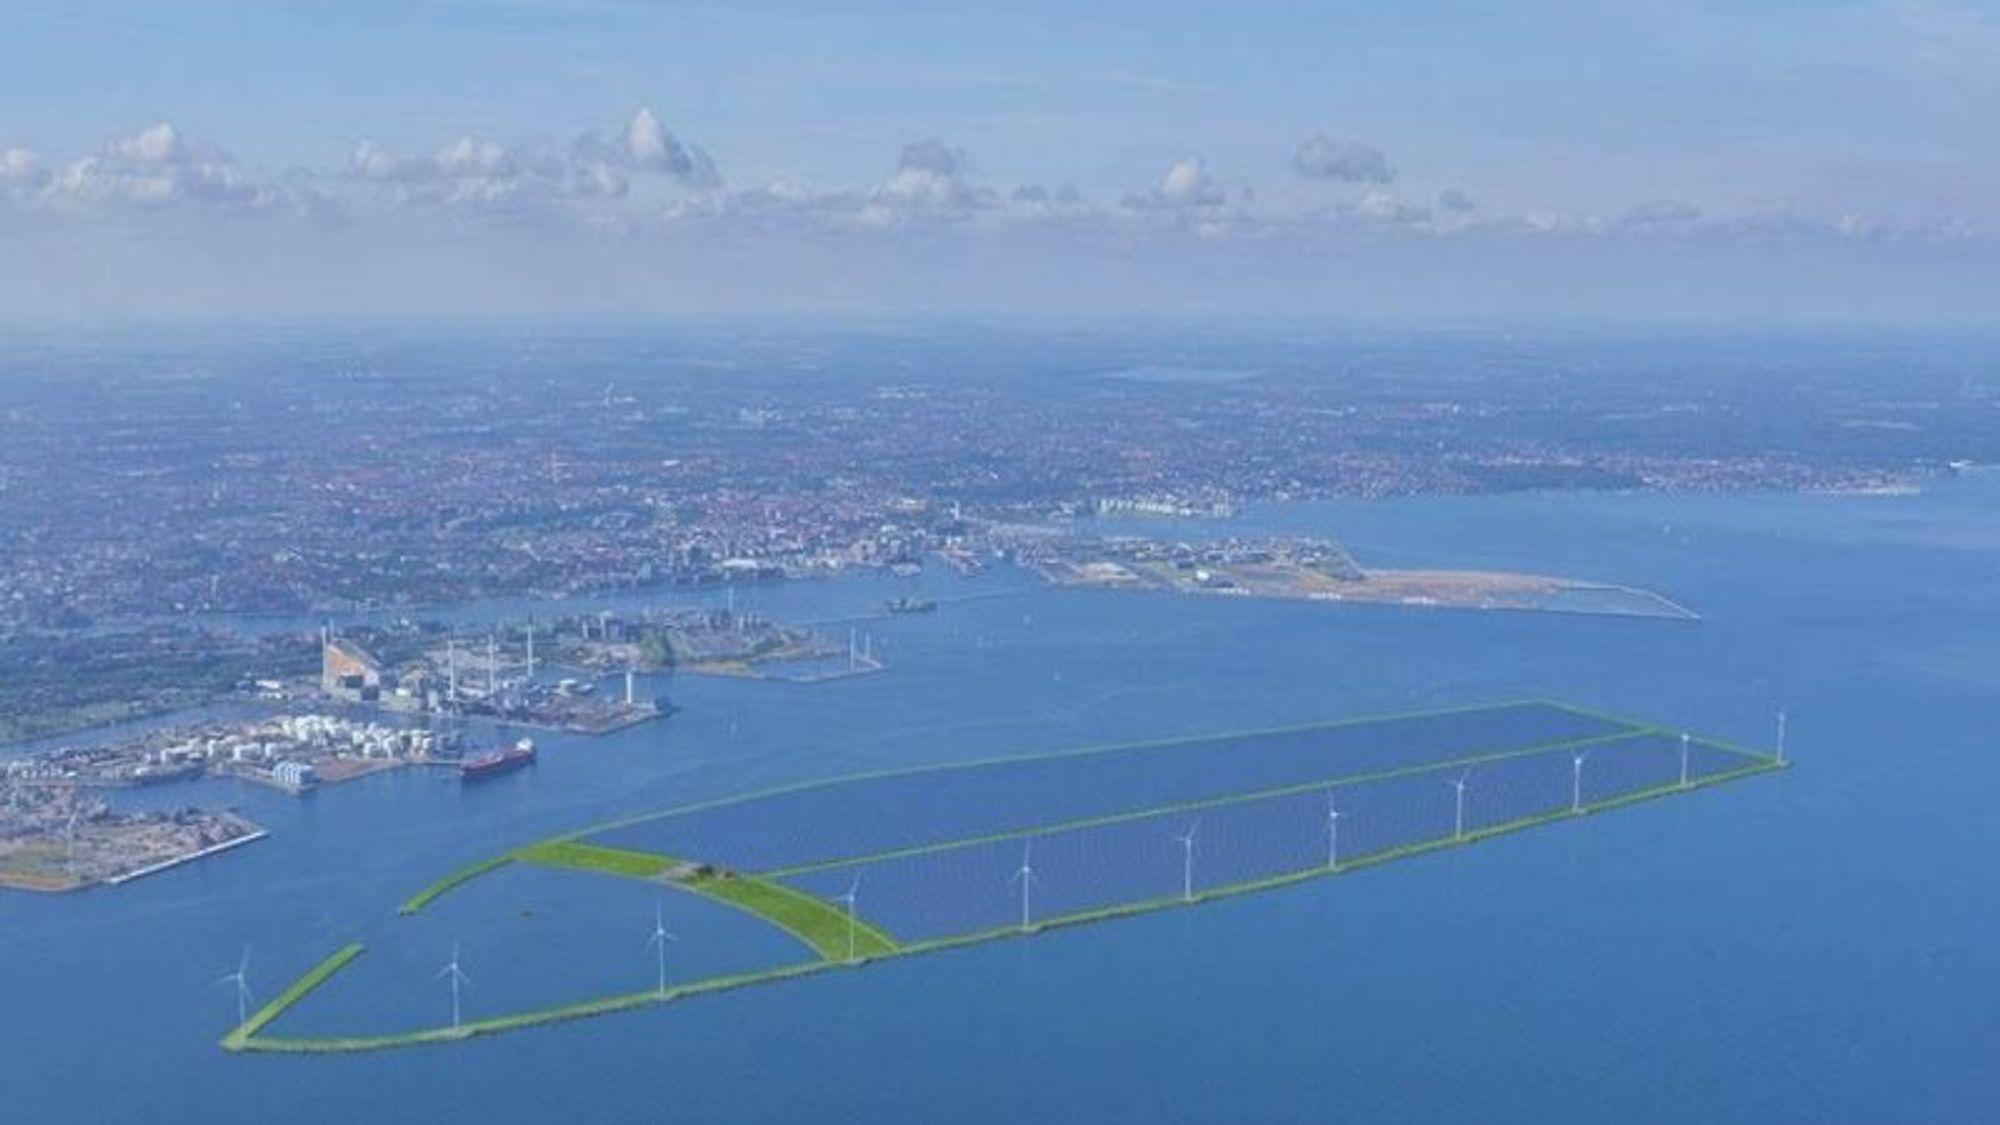 Utviklingsselskapet European Energy mener at fremtidens fjernvarme bør være et produkt av overskuddsvarme fra sol og vind via kjempestore varmelagre. Et prosjekt er underveis i Esbjerg i Danmark.